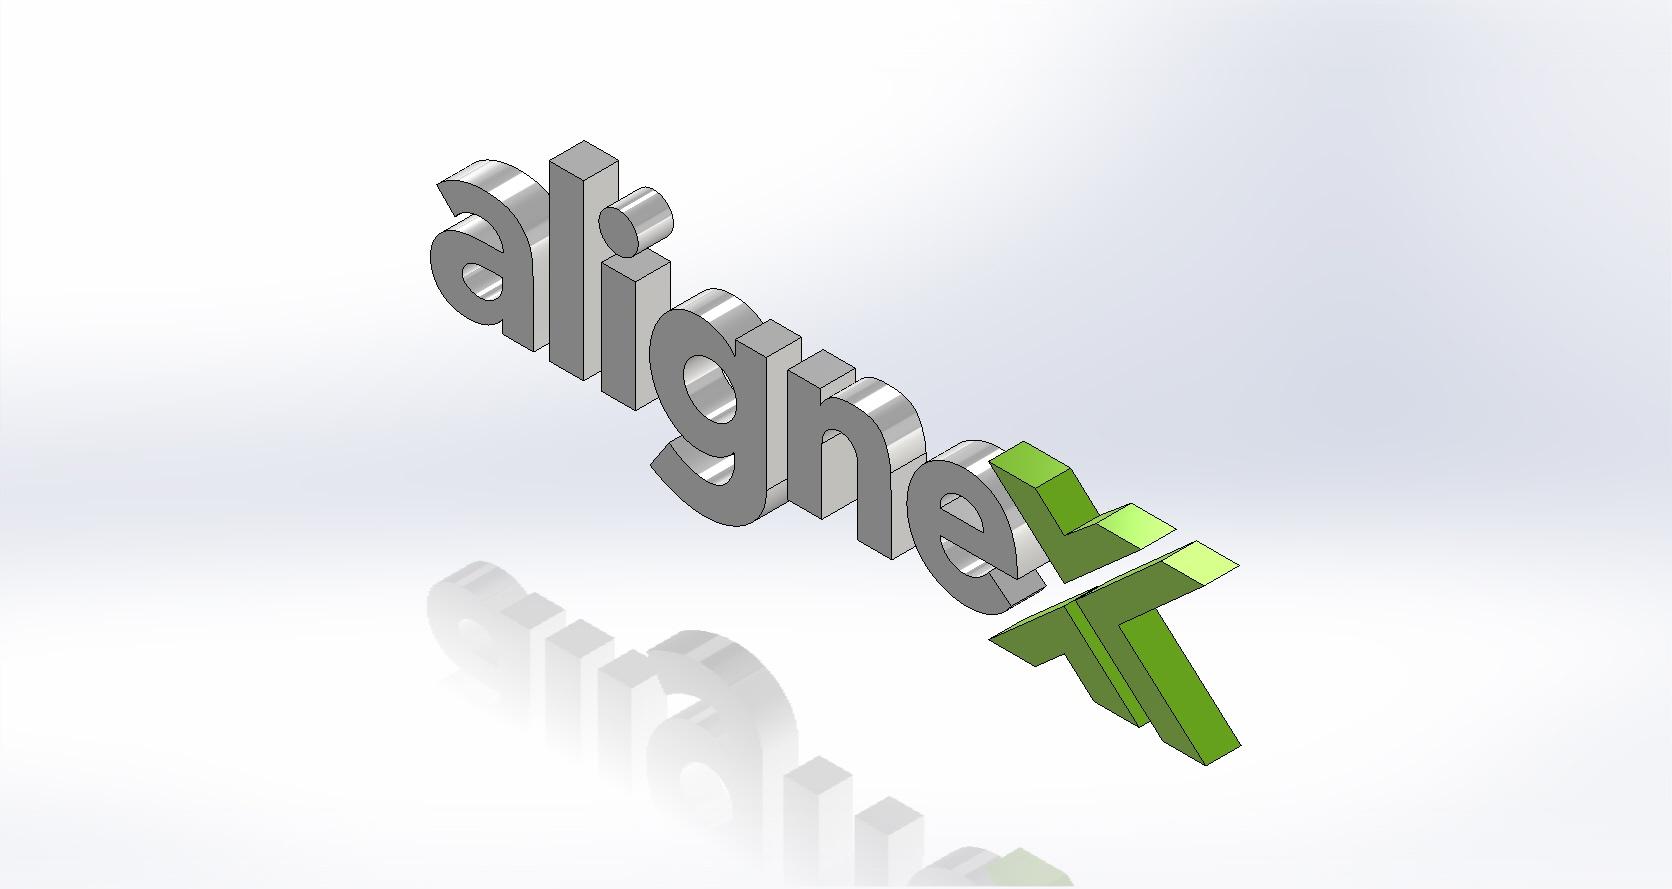 Alignex Logo Sketched in SOLIDWORKS Sketcher